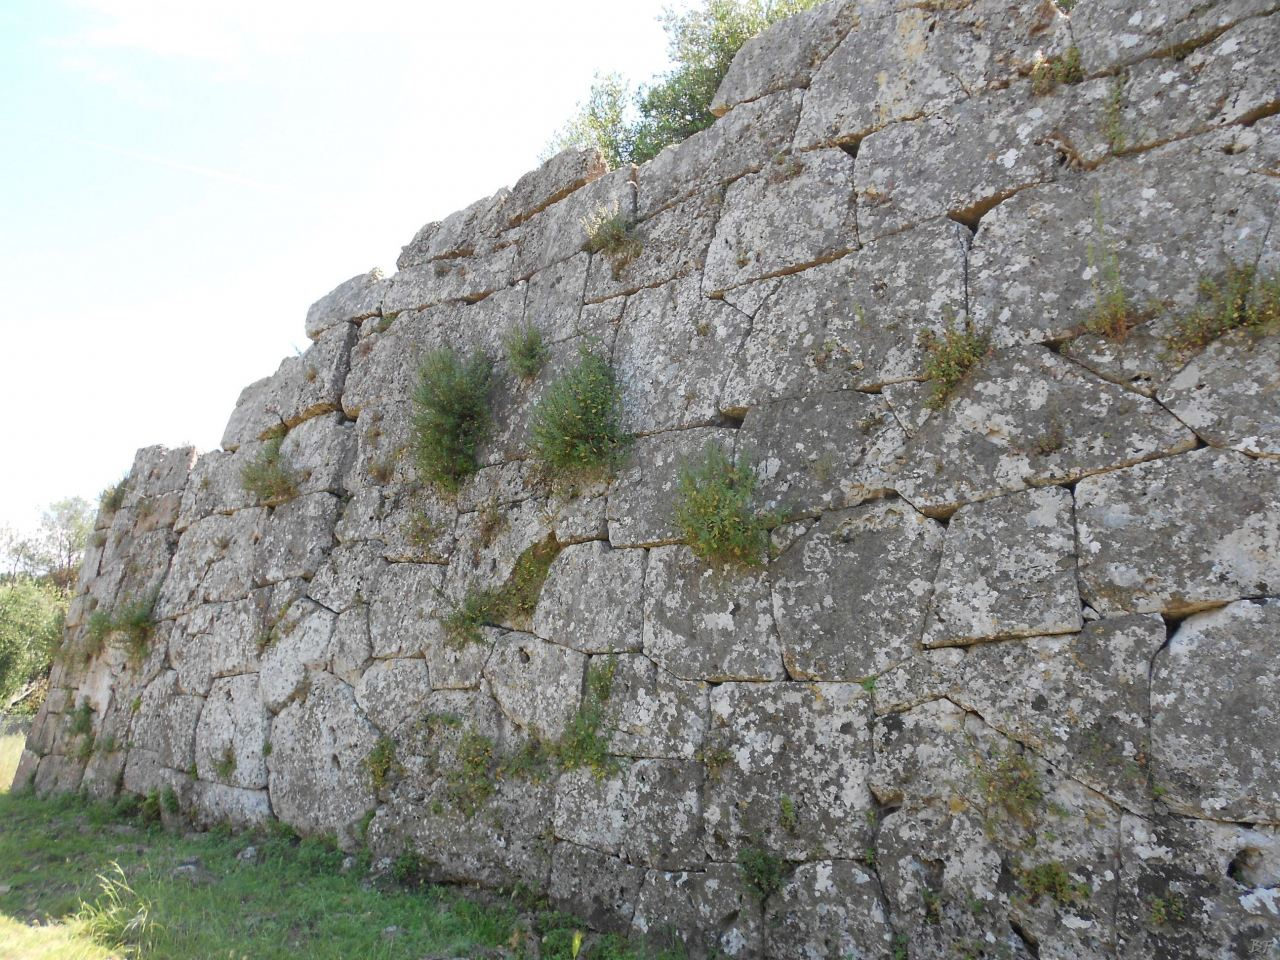 Cosa-Mura-Megalitiche-Ansedonia-Grosseto-Toscana-Italia-30